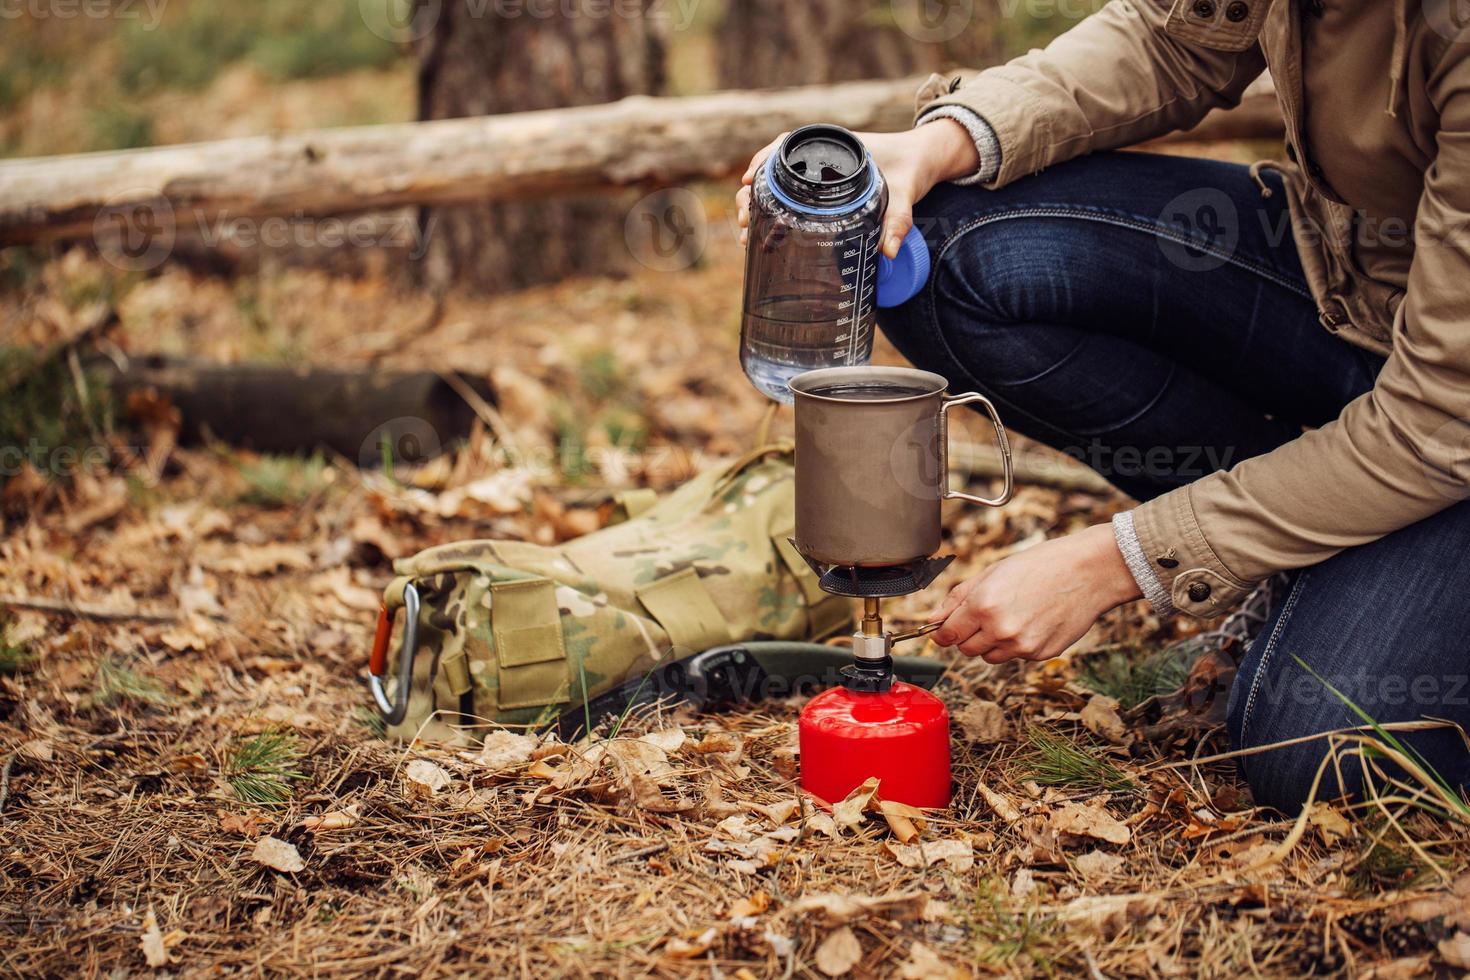 mulher derrama água de uma garrafa em uma caneca foto